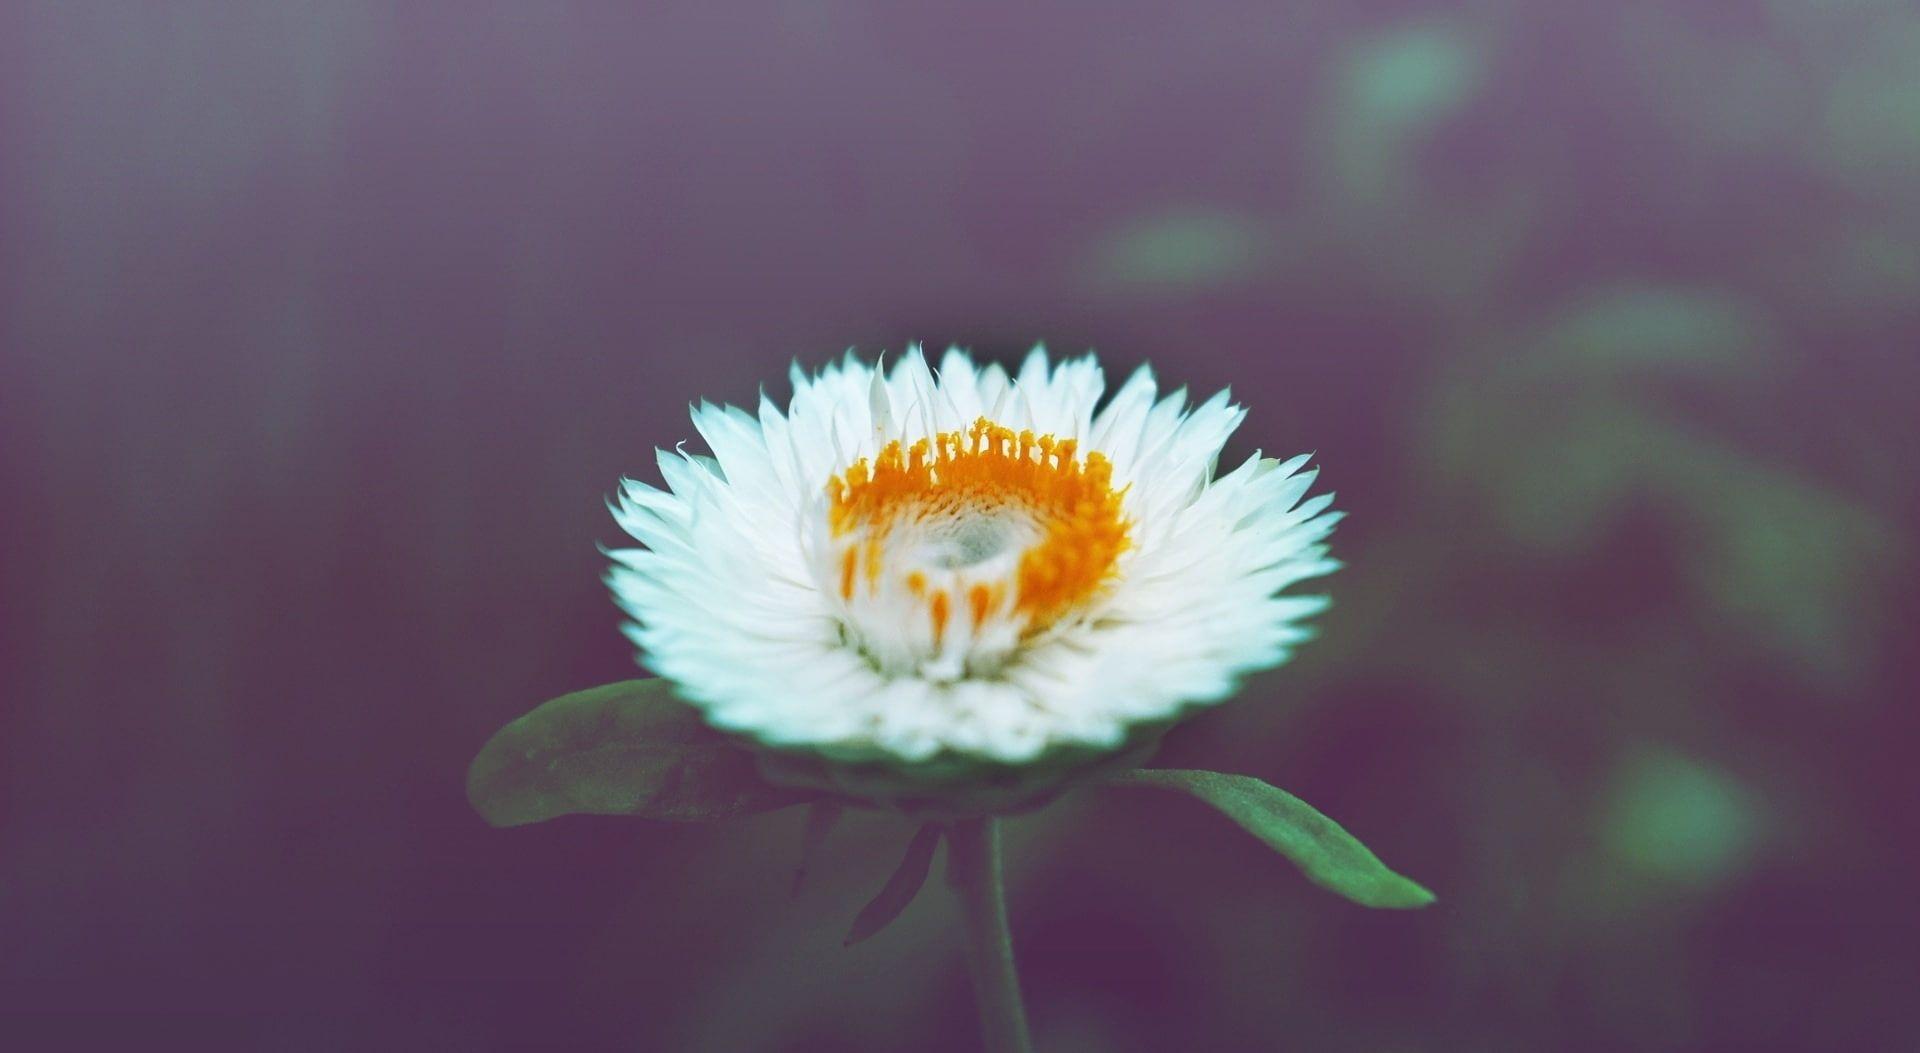 daisy photos 4k